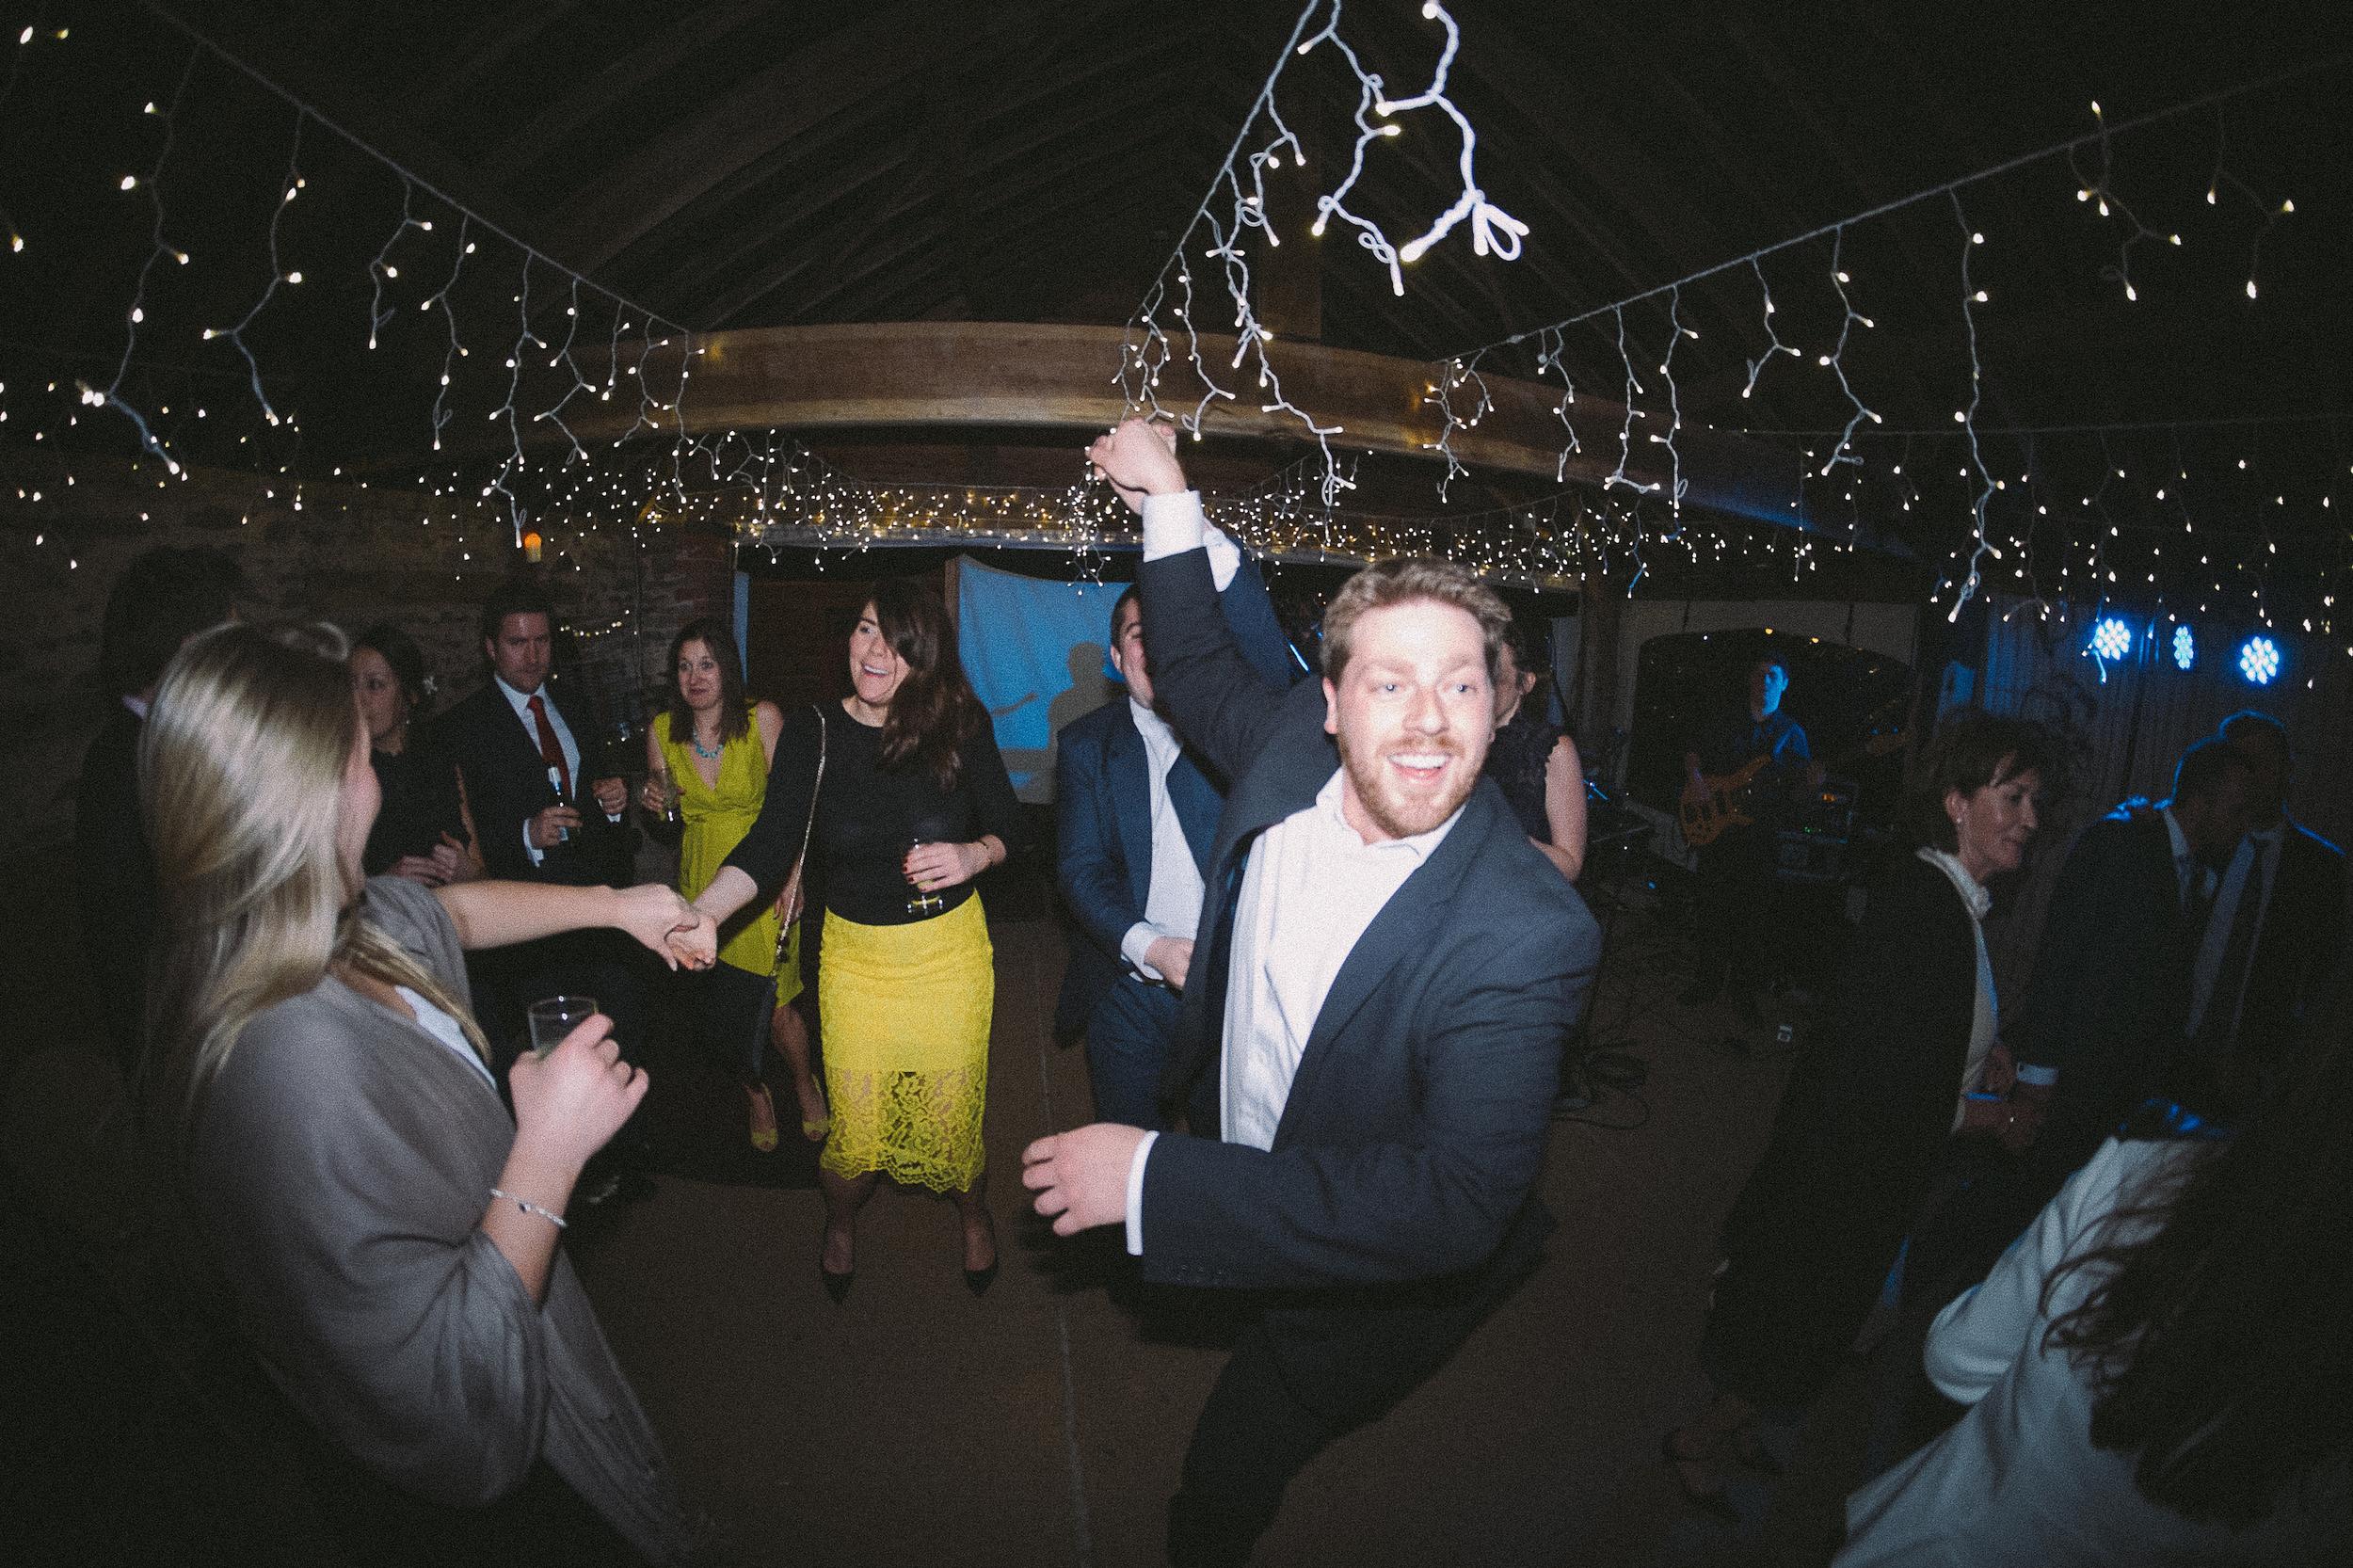 scott_nicole_wedding-313.jpg